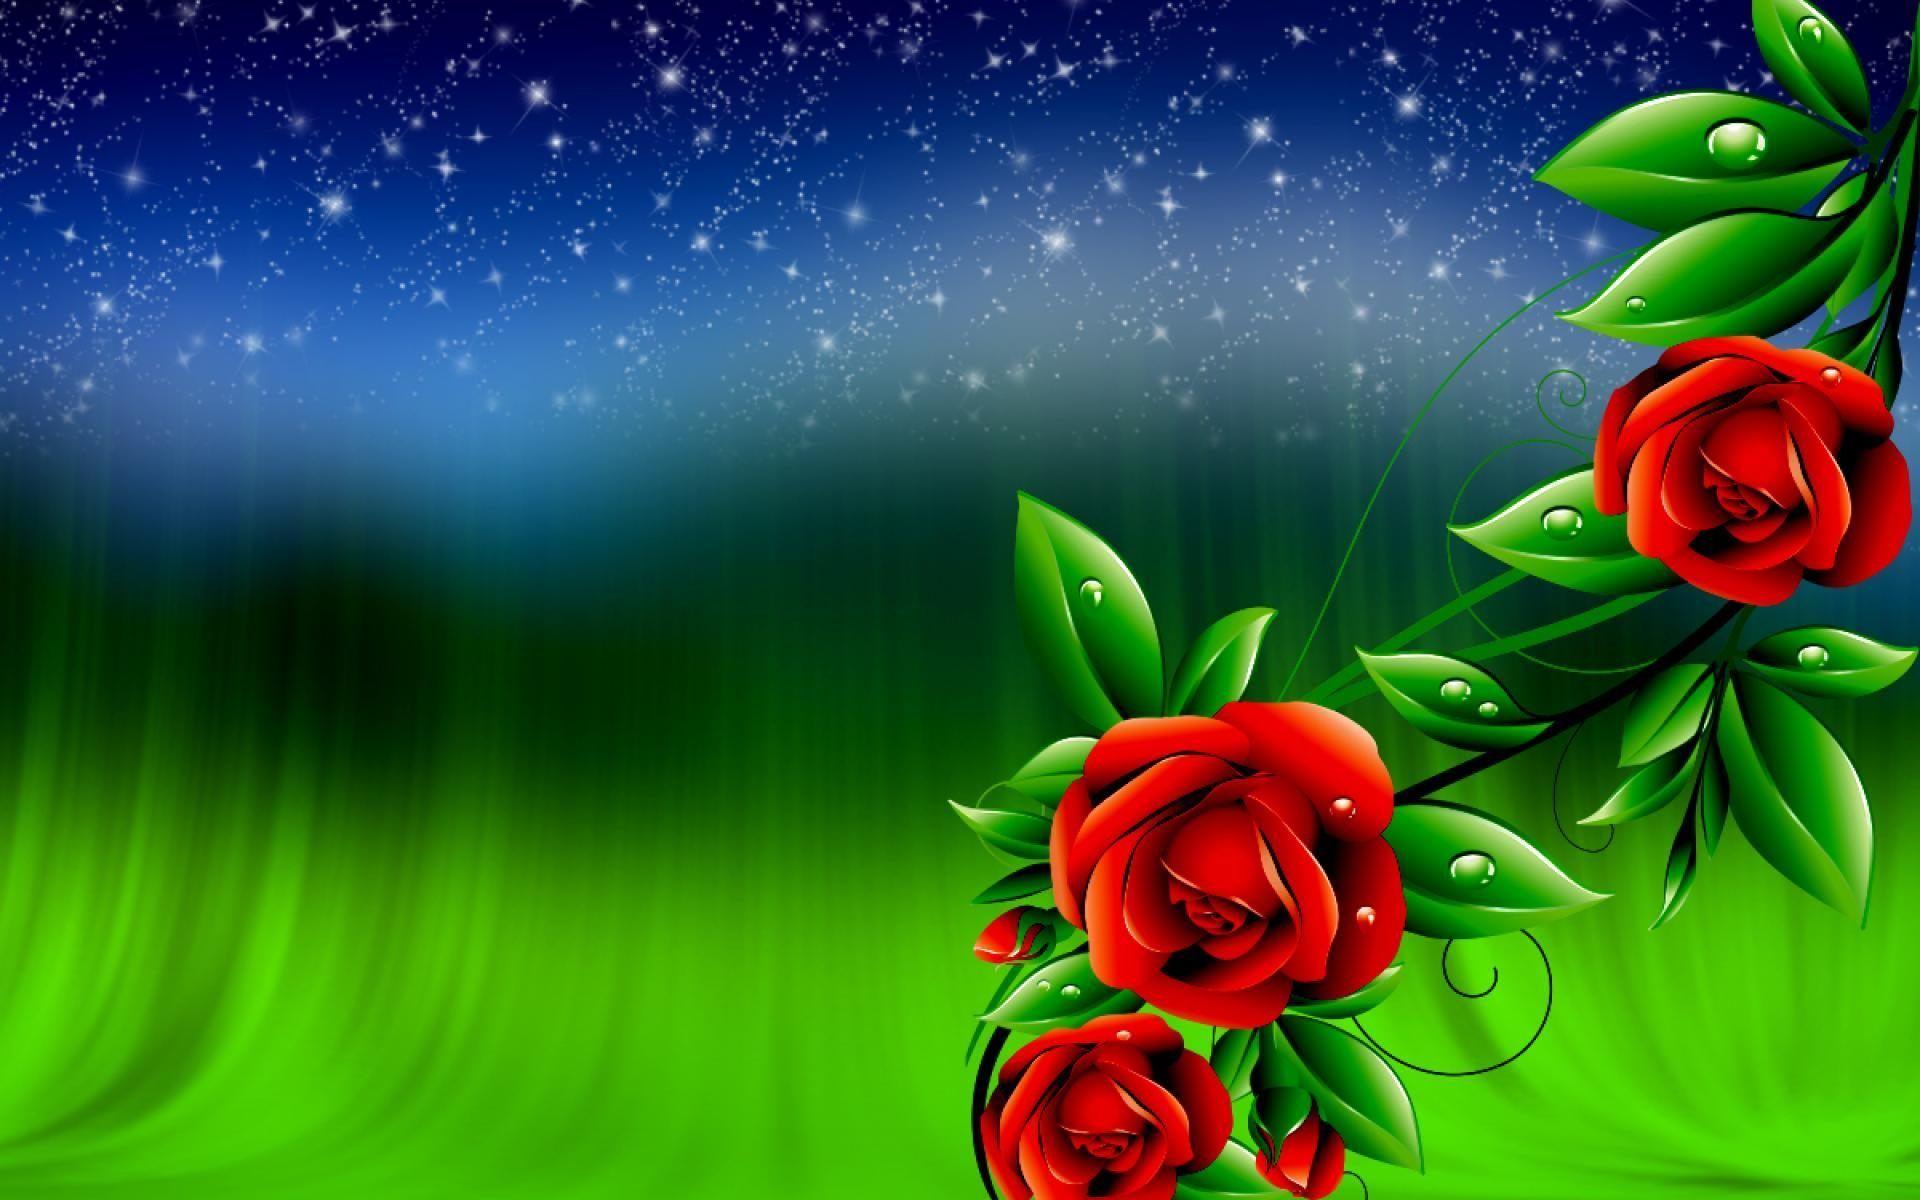 свидетельства обои на зеленом фоне цветы совсем обязательно